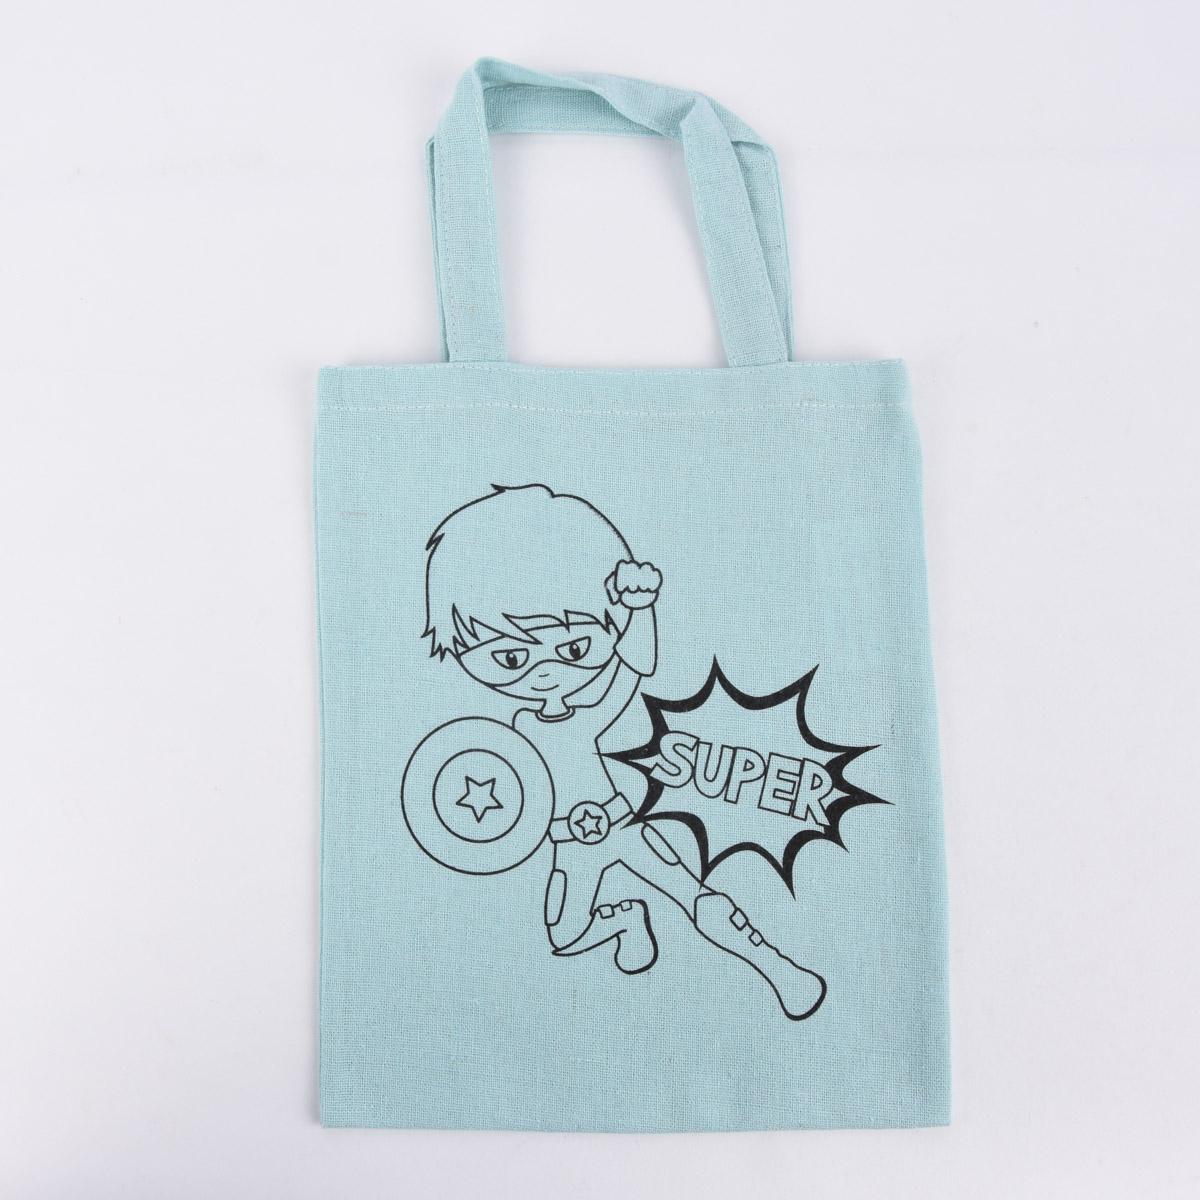 Rayher Stoff Tasche mit Superboy Druck zum ausmalen hellblau 20x25cm